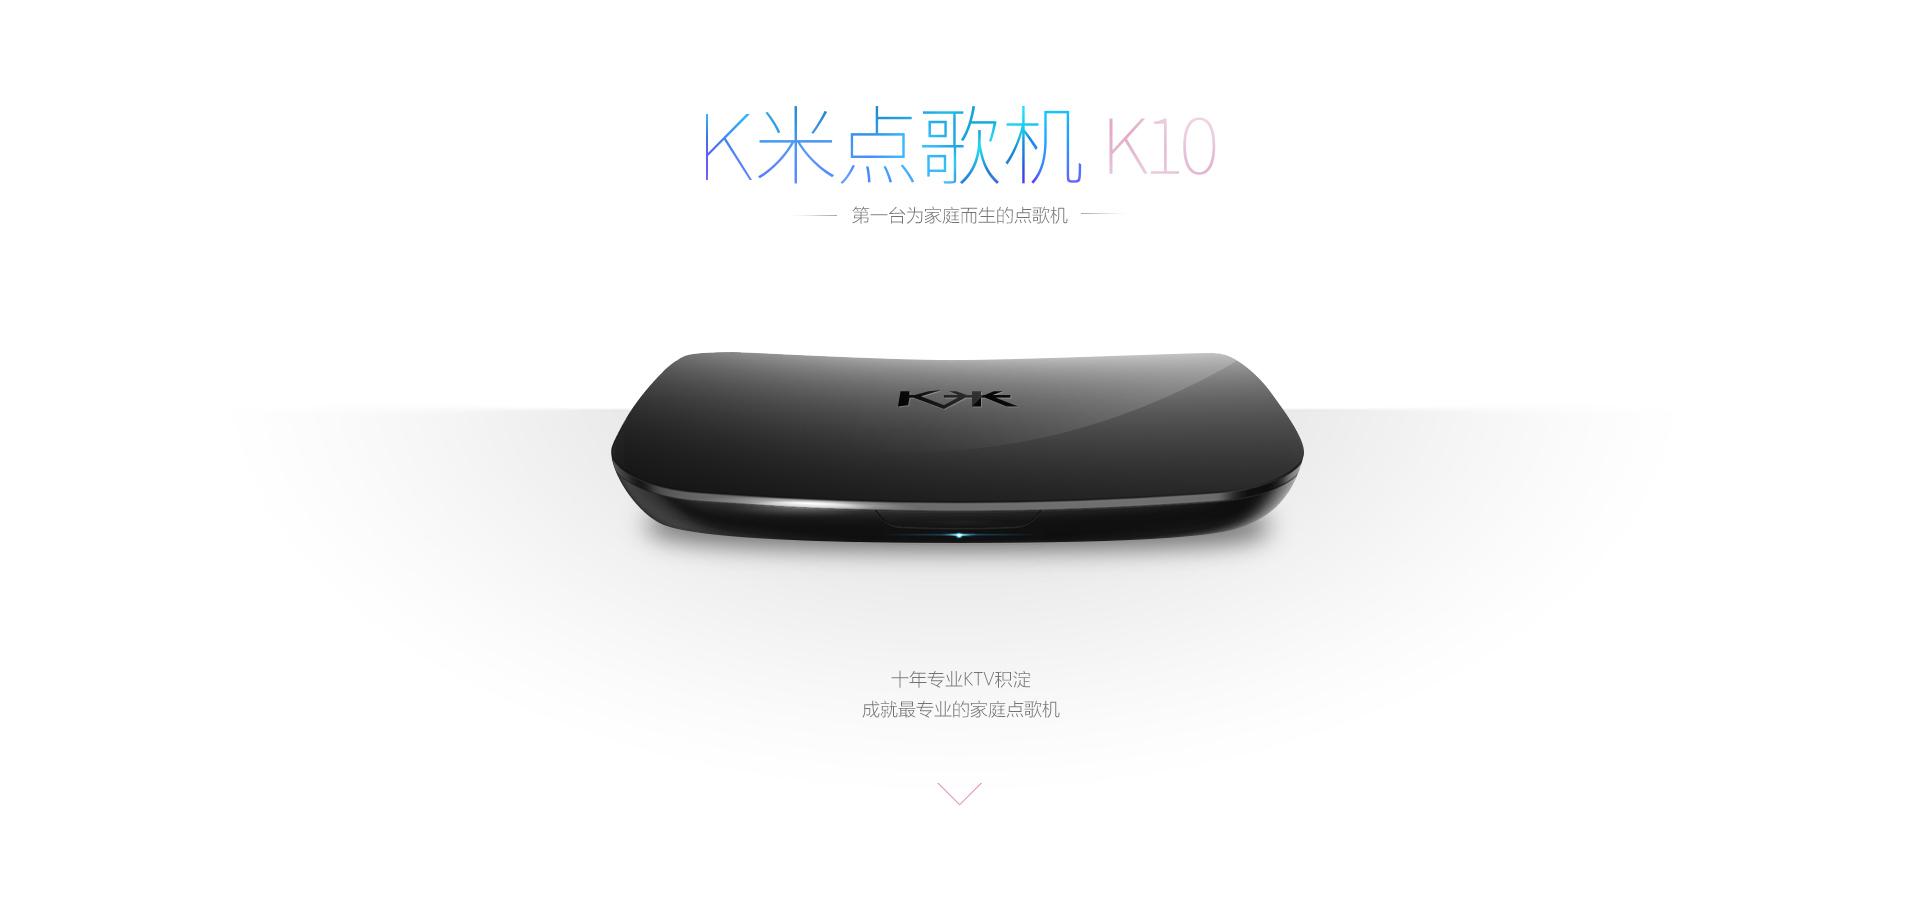 贵州KTVope电竞下载?? width=